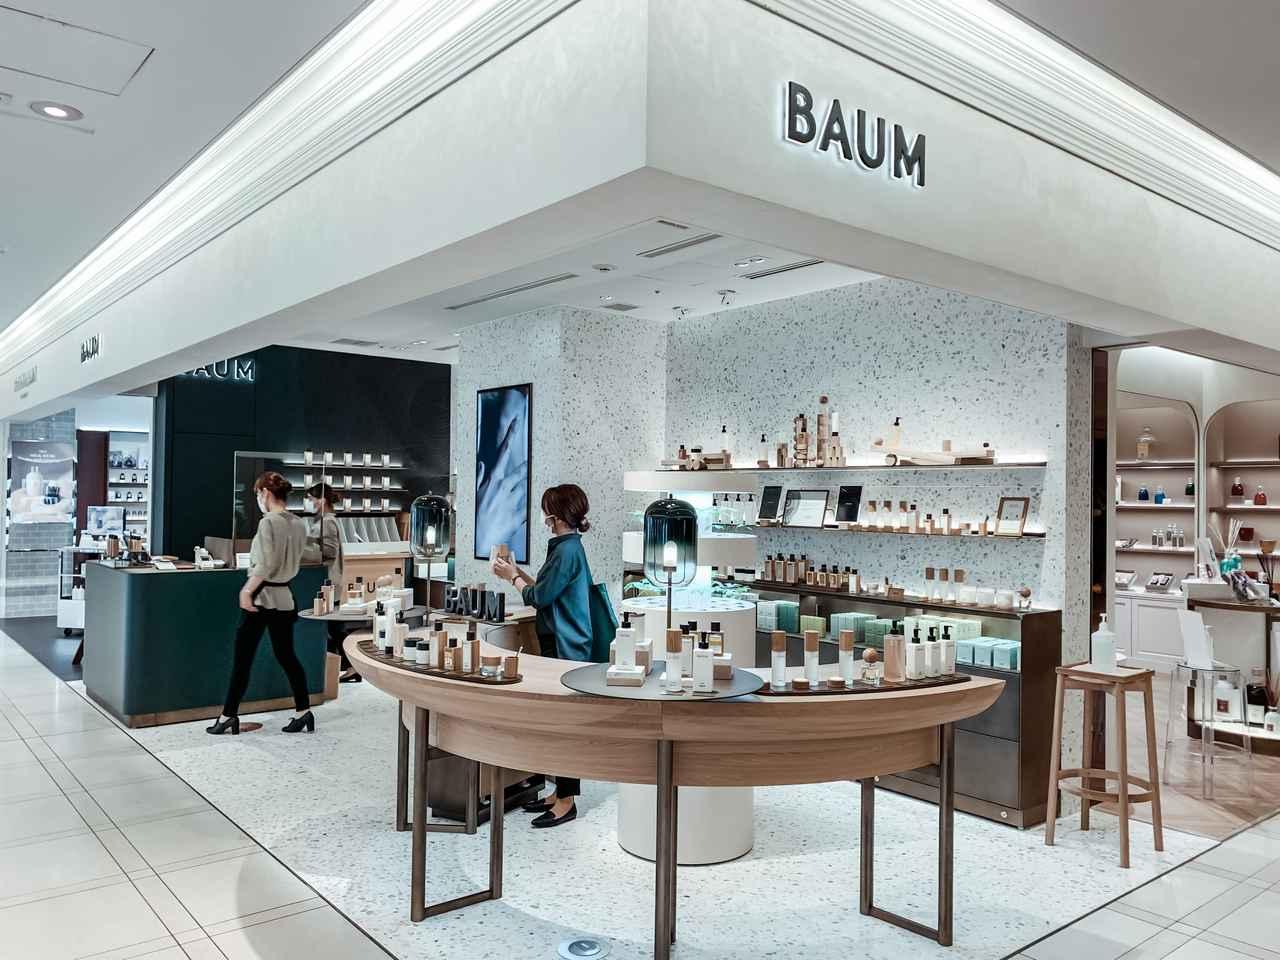 画像1: 一目見たときから心惹かれた新スキンケアブランド「BAUM」